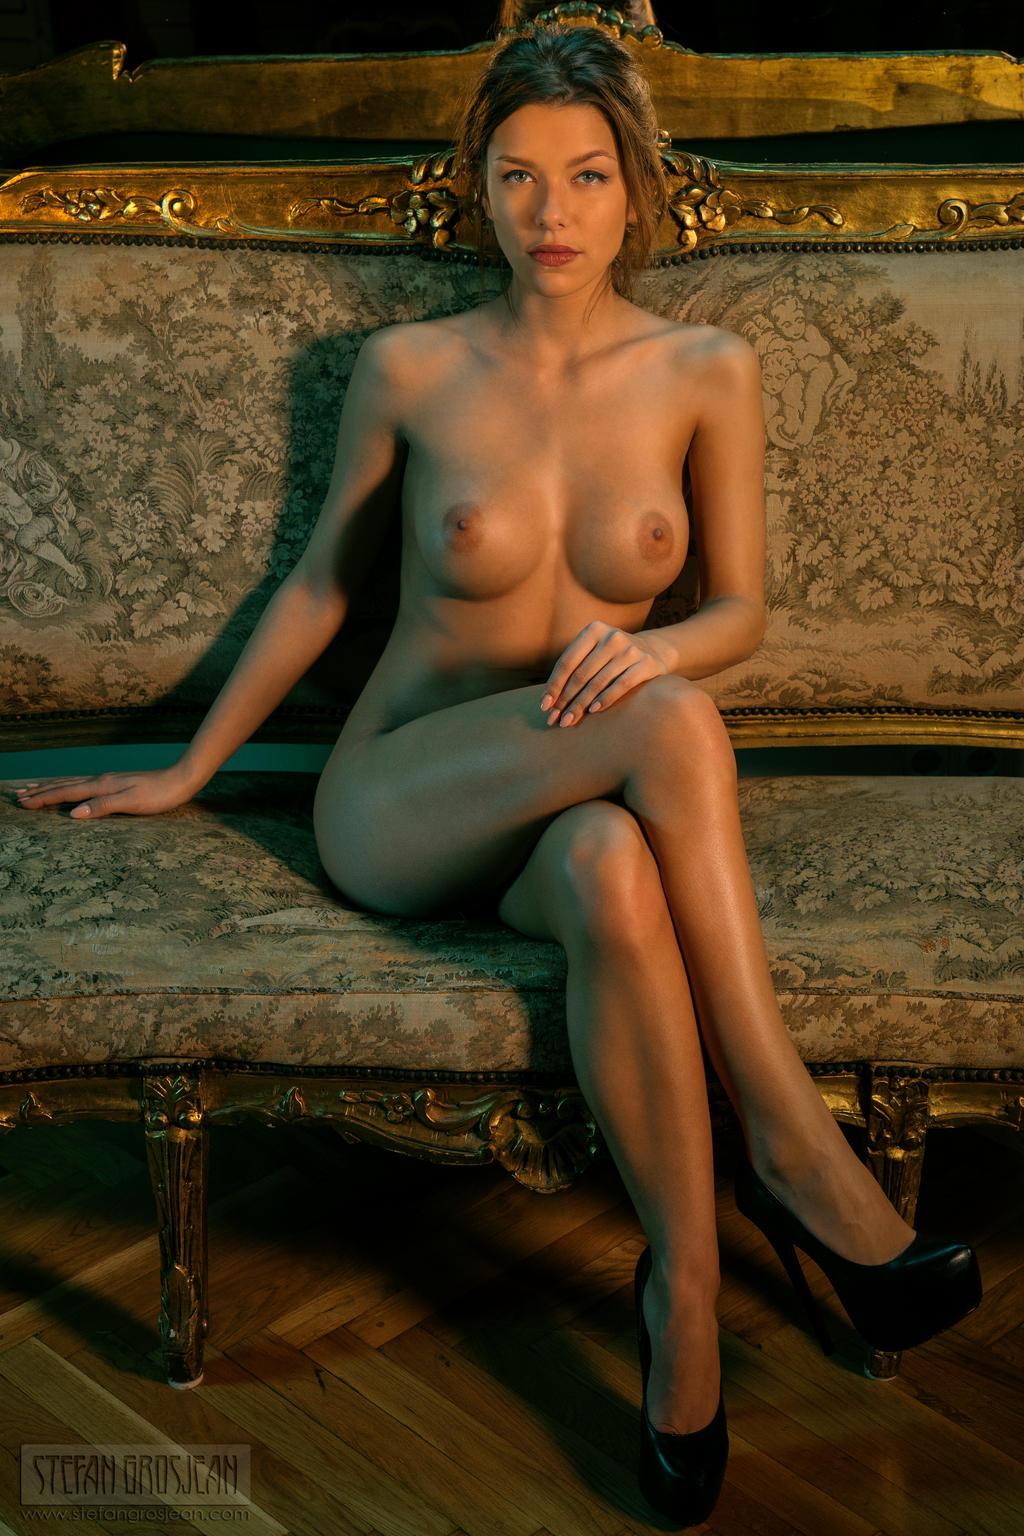 Belle Epoque Stefan Grosjean Nude - Sex Porn Images